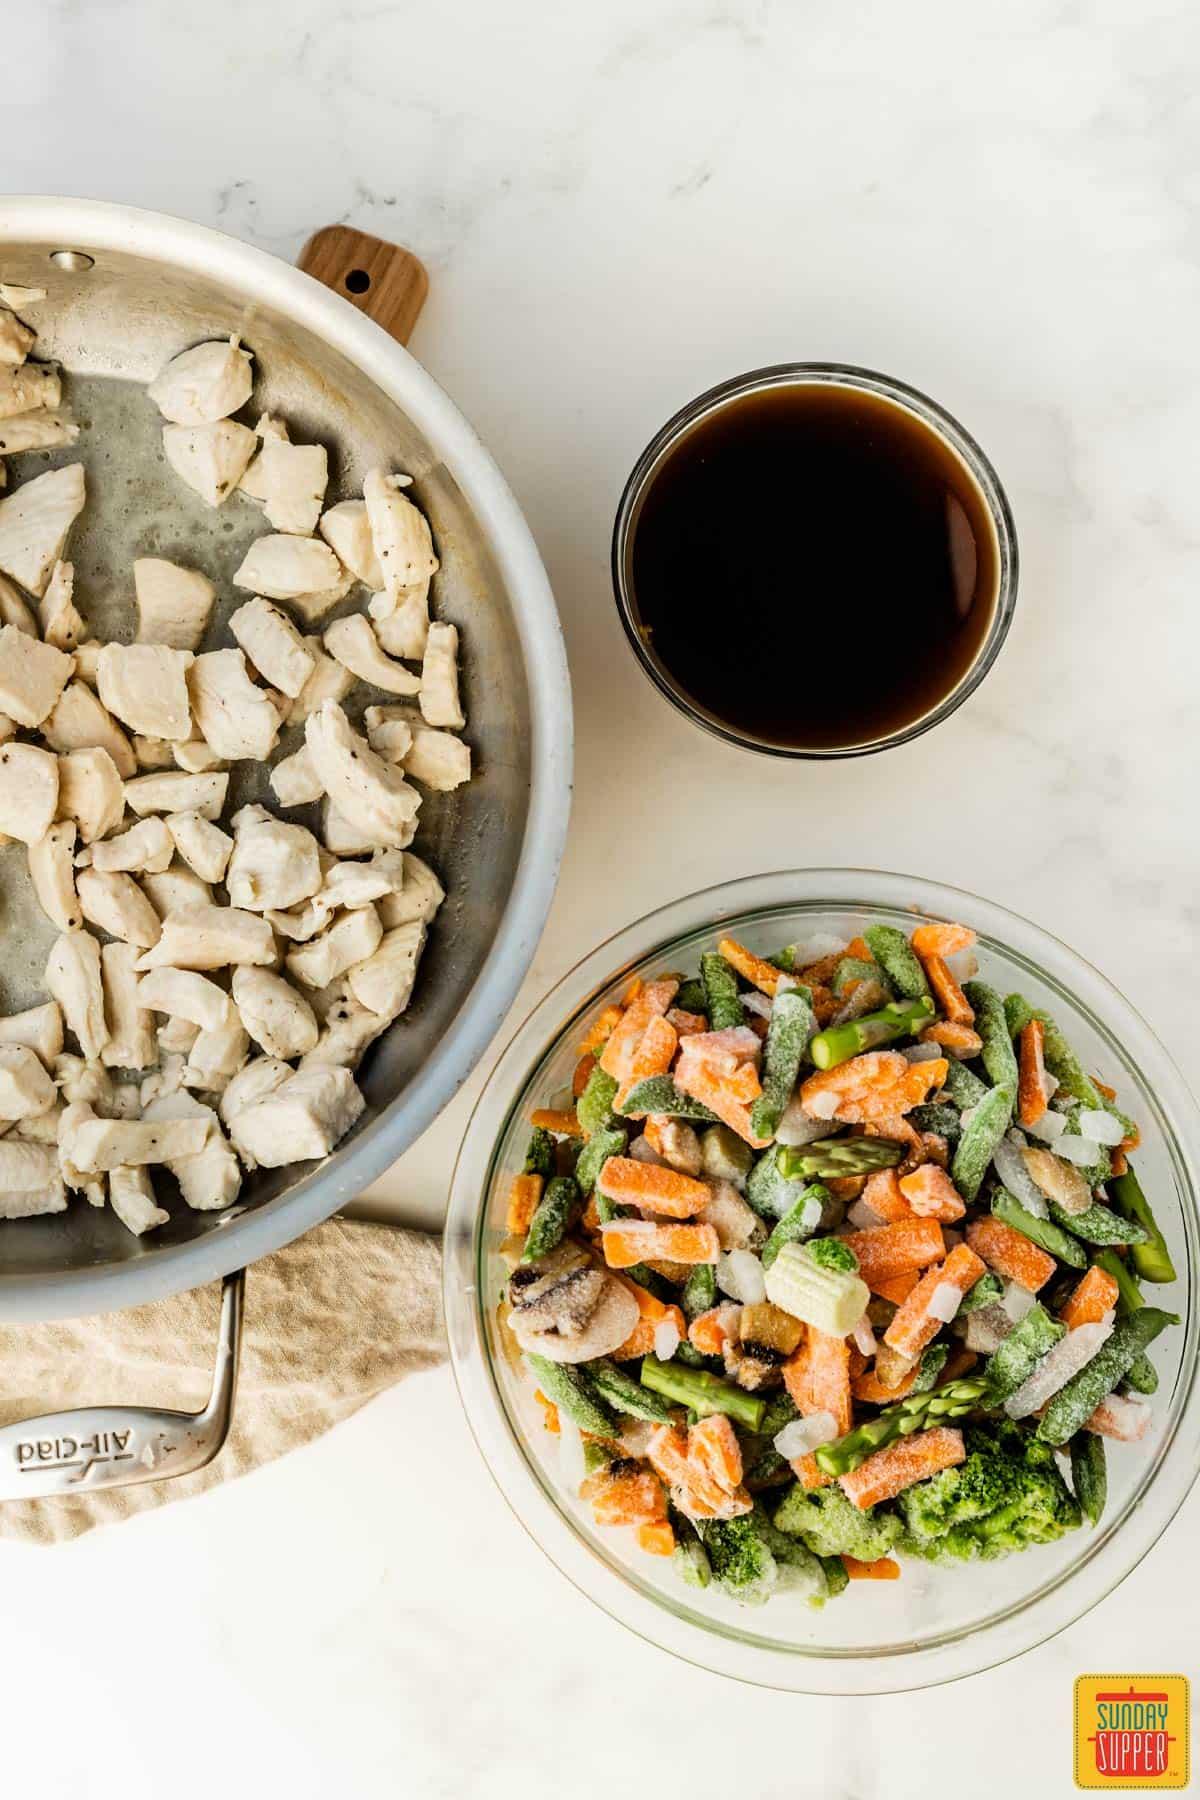 Ingredients to make 5-ingredient chicken stir-fry: chicken breast, teriyaki sauce, and frozen vegetables